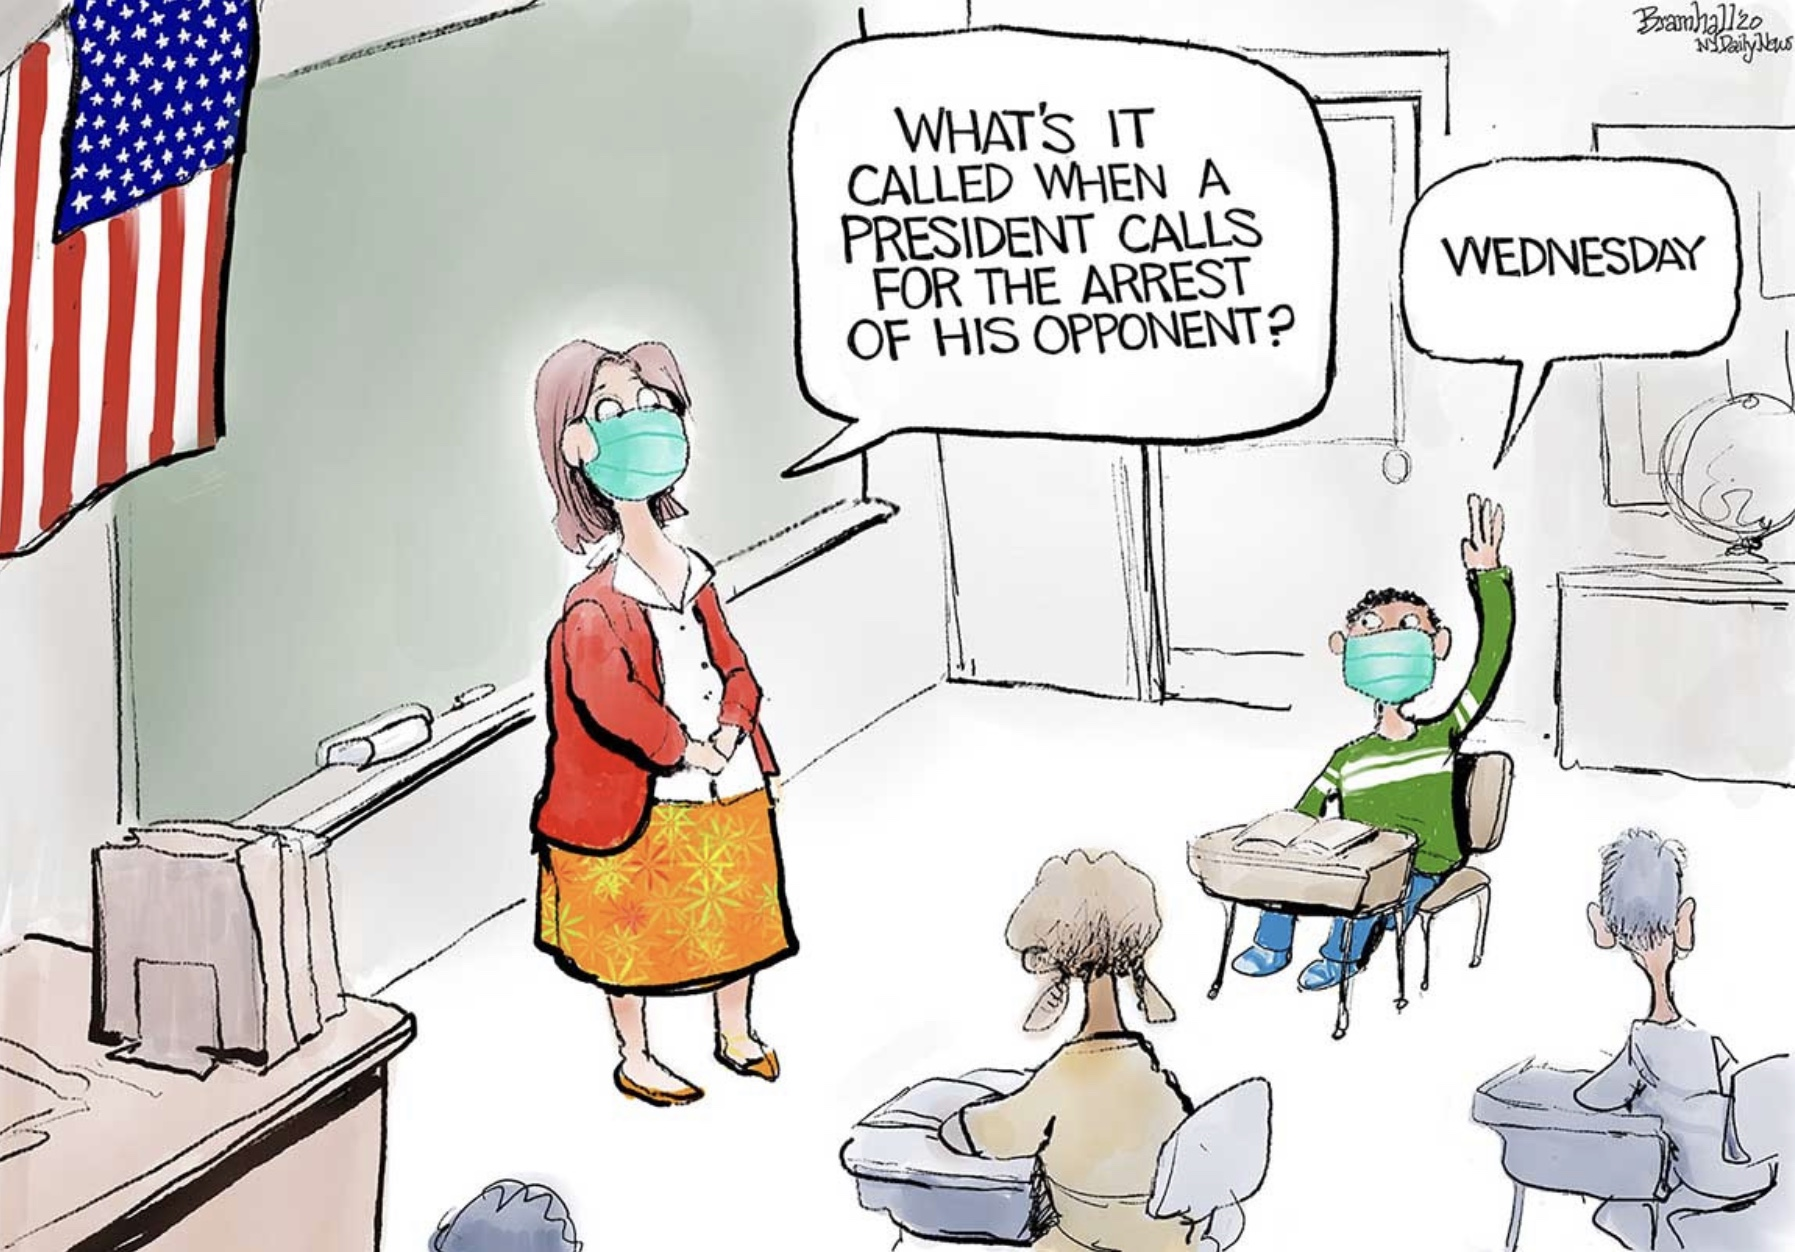 Political cartoons - the 'funny' pics thread.-79b1bbe7-cf76-4318-a1f4-5fec0bee7688-jpeg